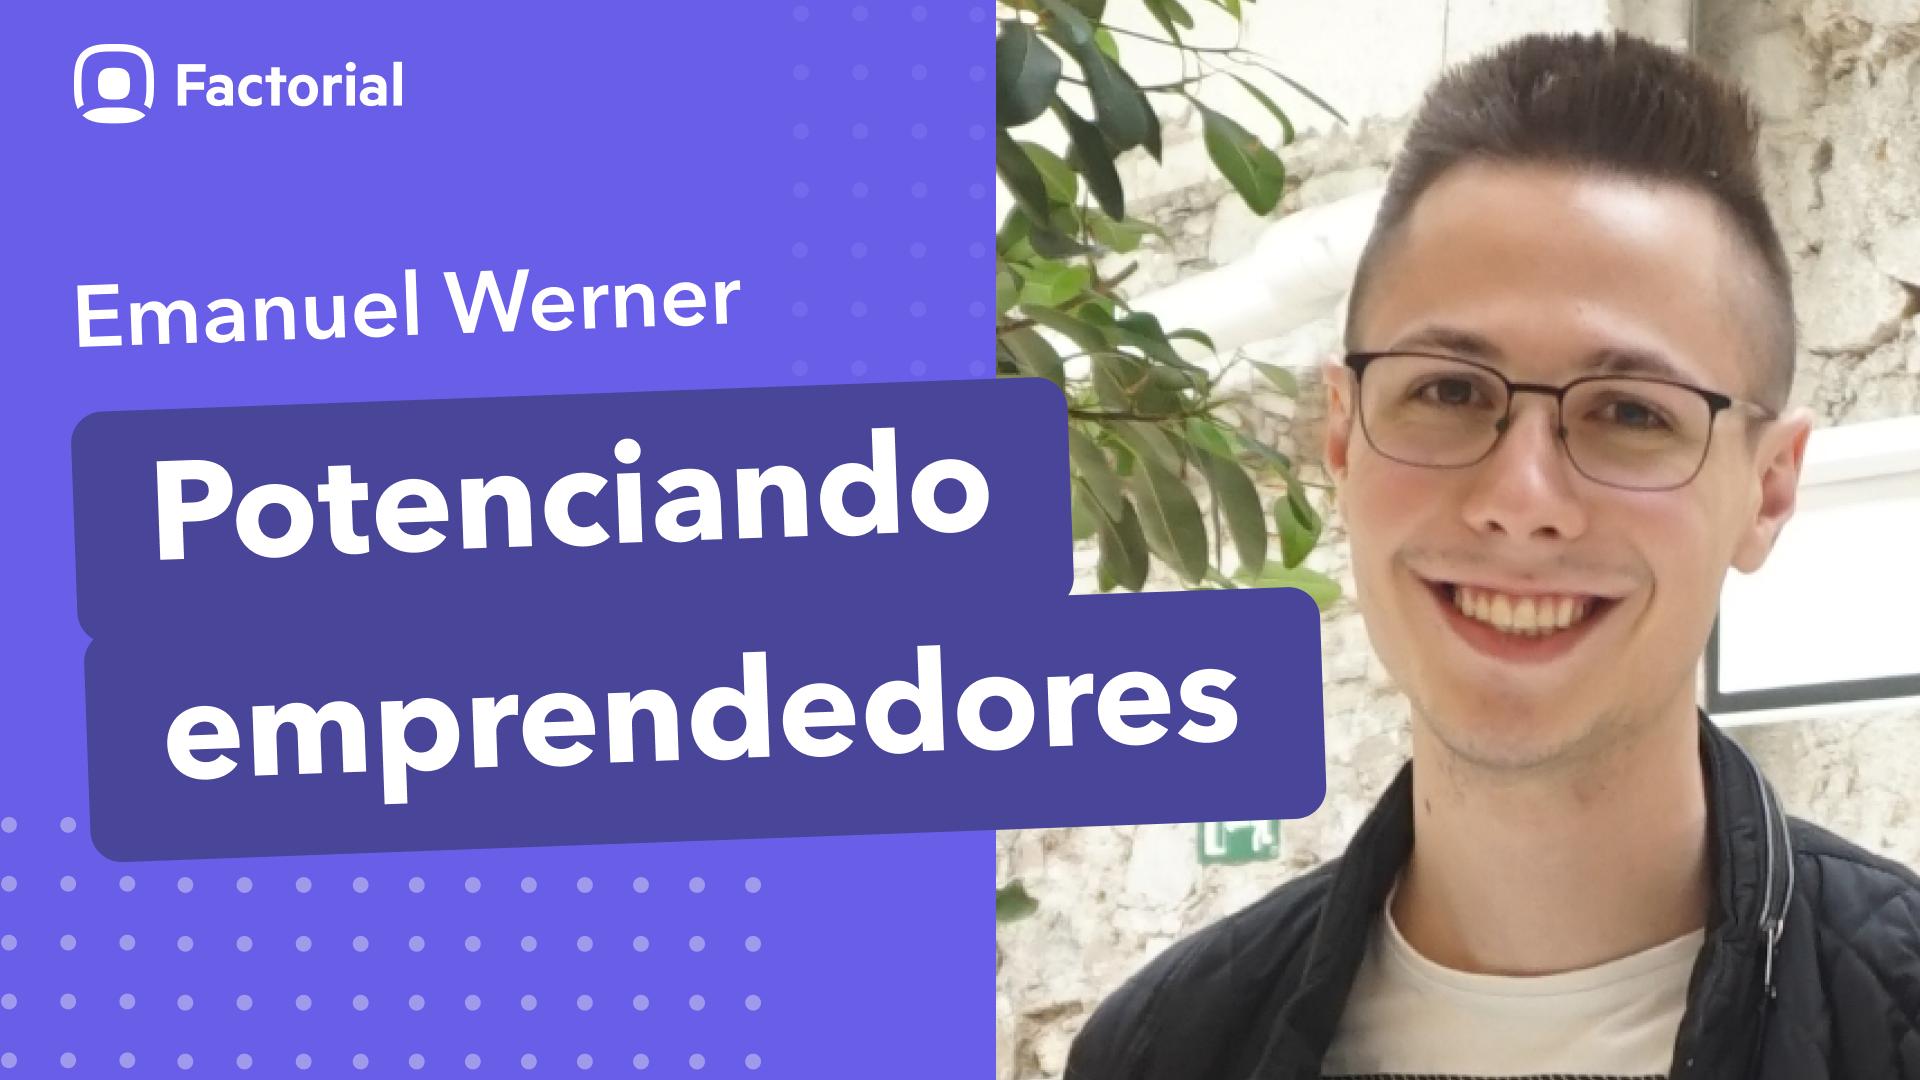 Potenciando emprendedores con Emanuel Werner (1)